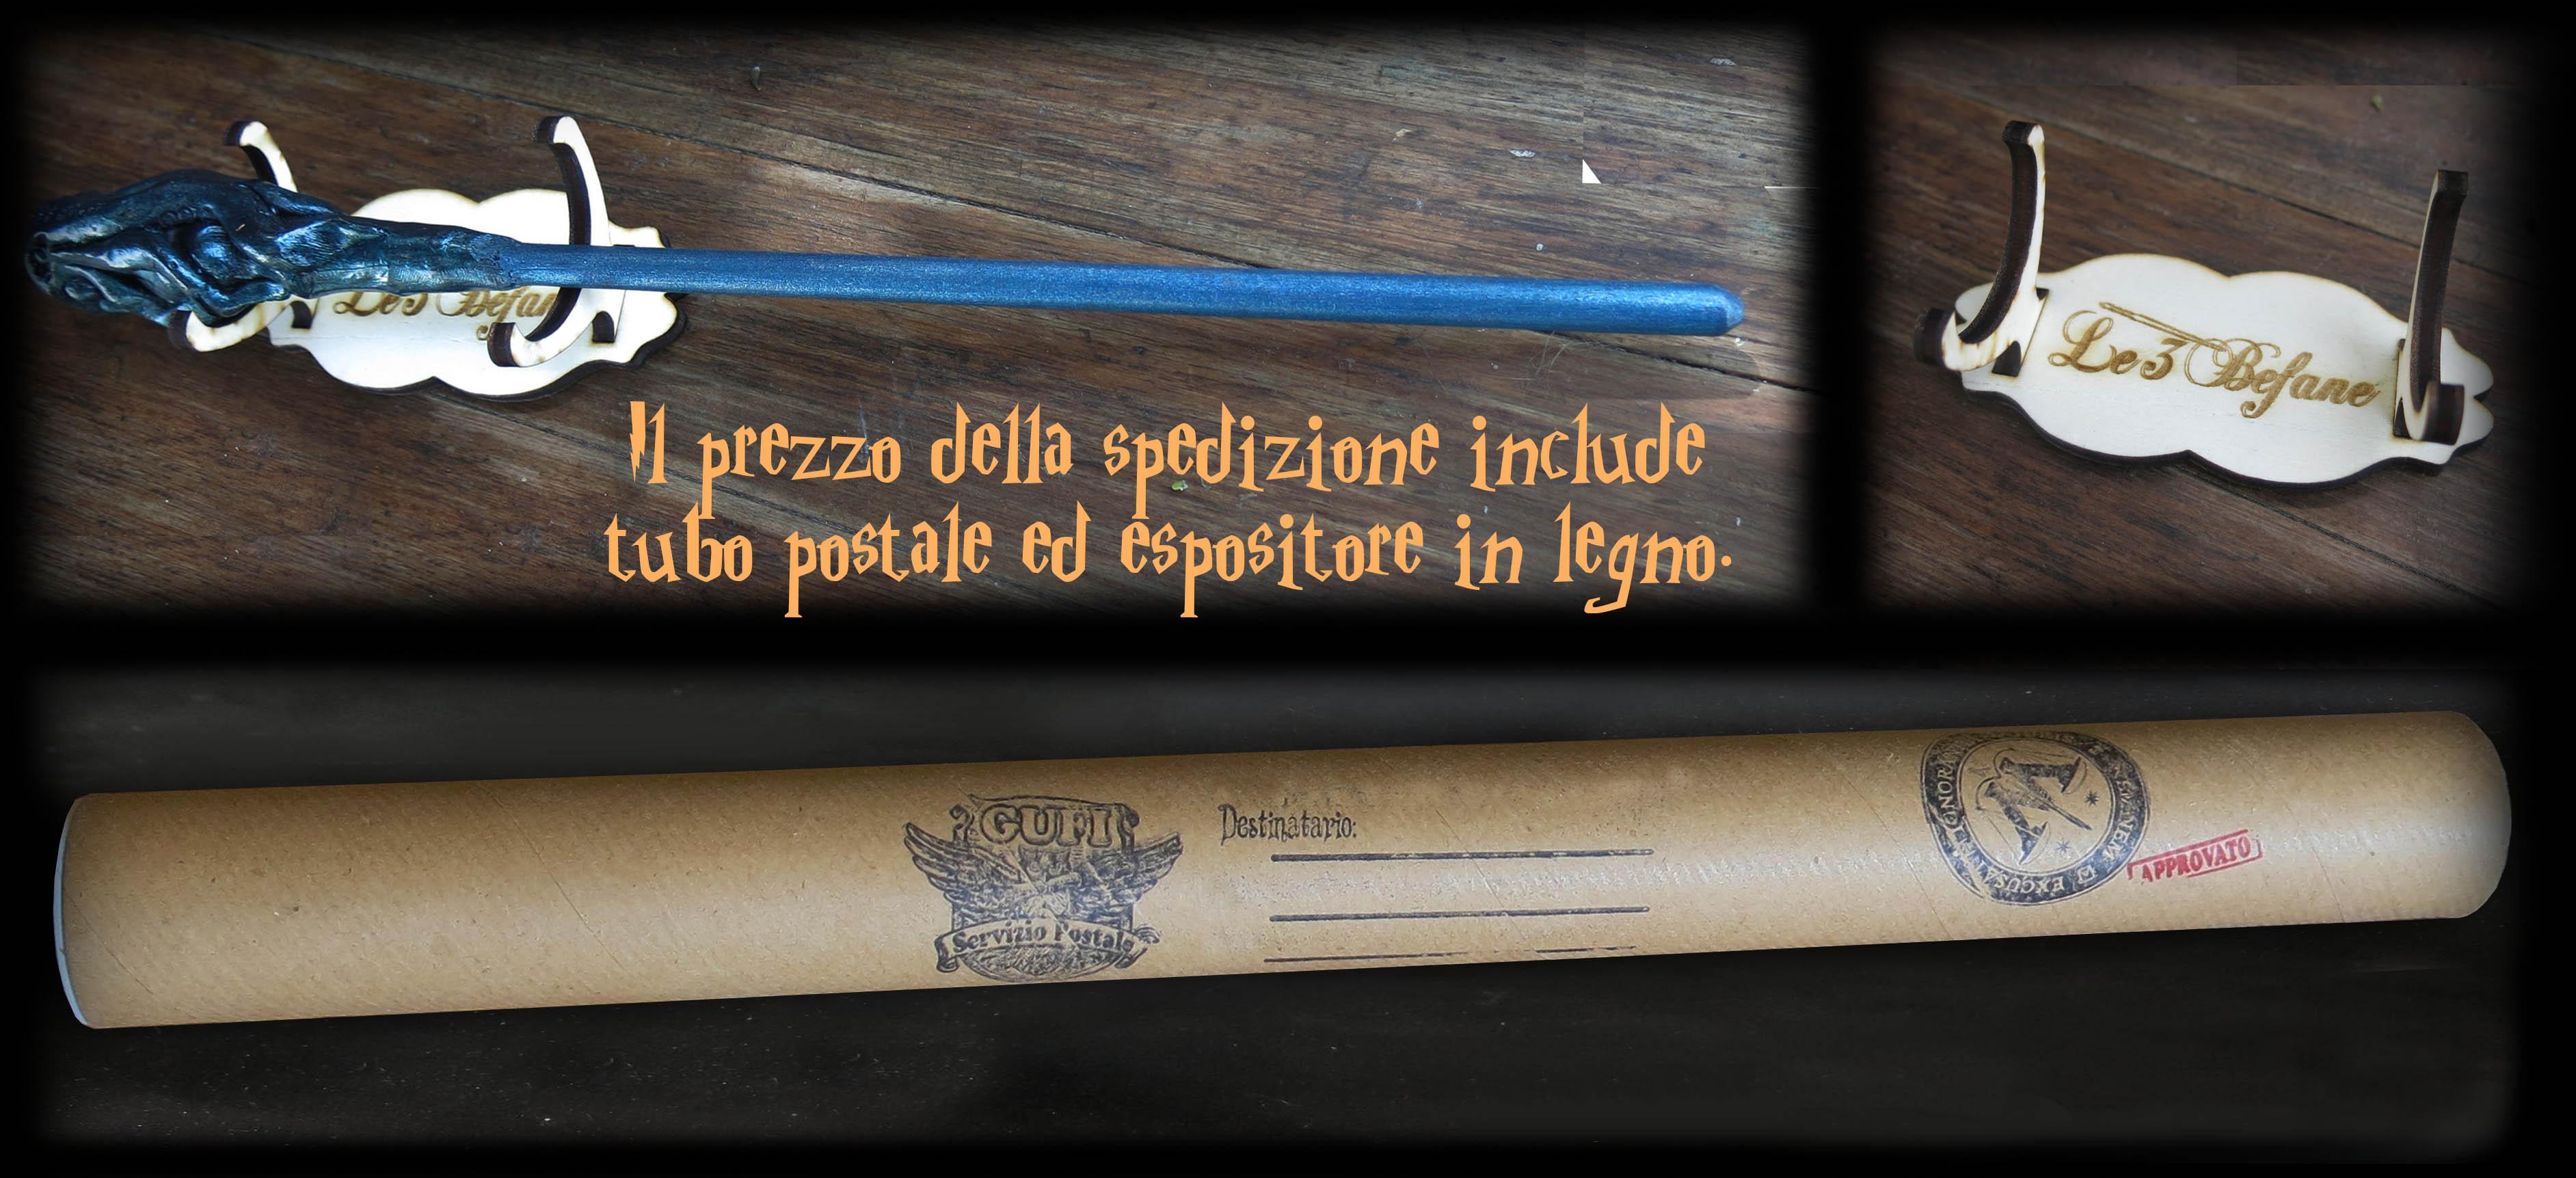 espositore bacchette_new_italiano